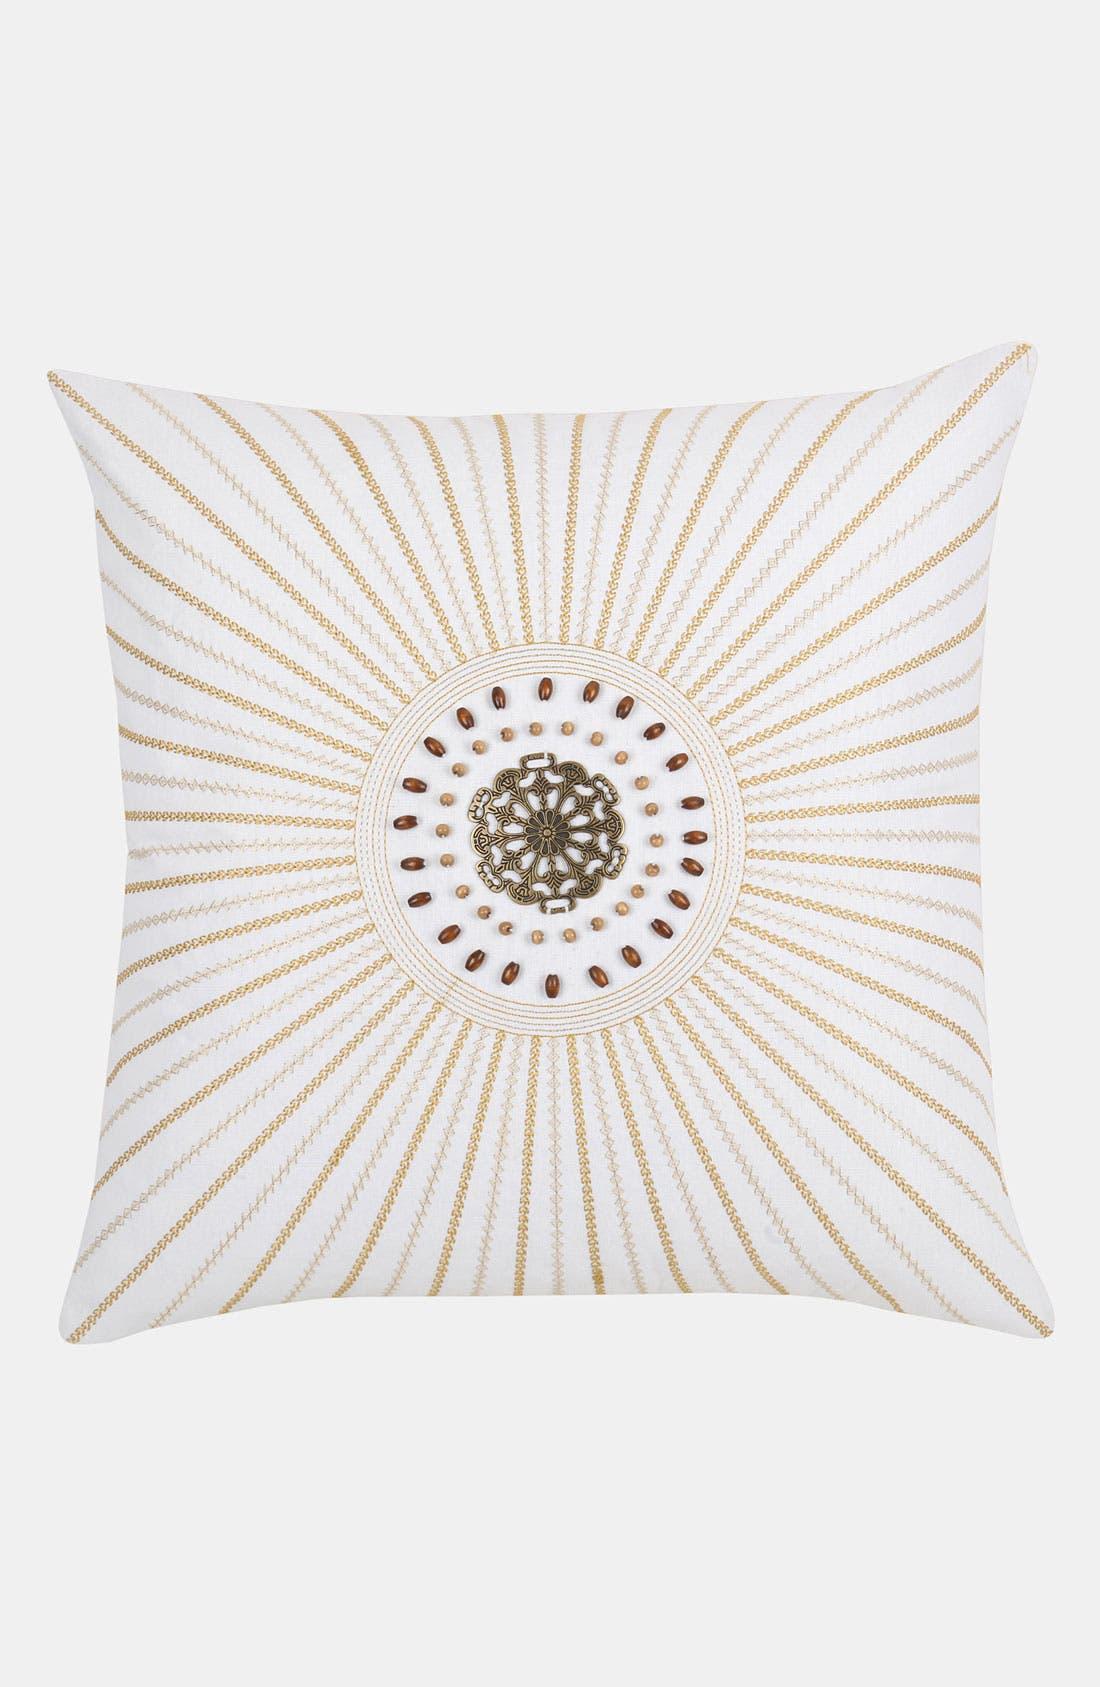 Main Image - Blissliving Home 'Sunburst' Pillow (Online Only)